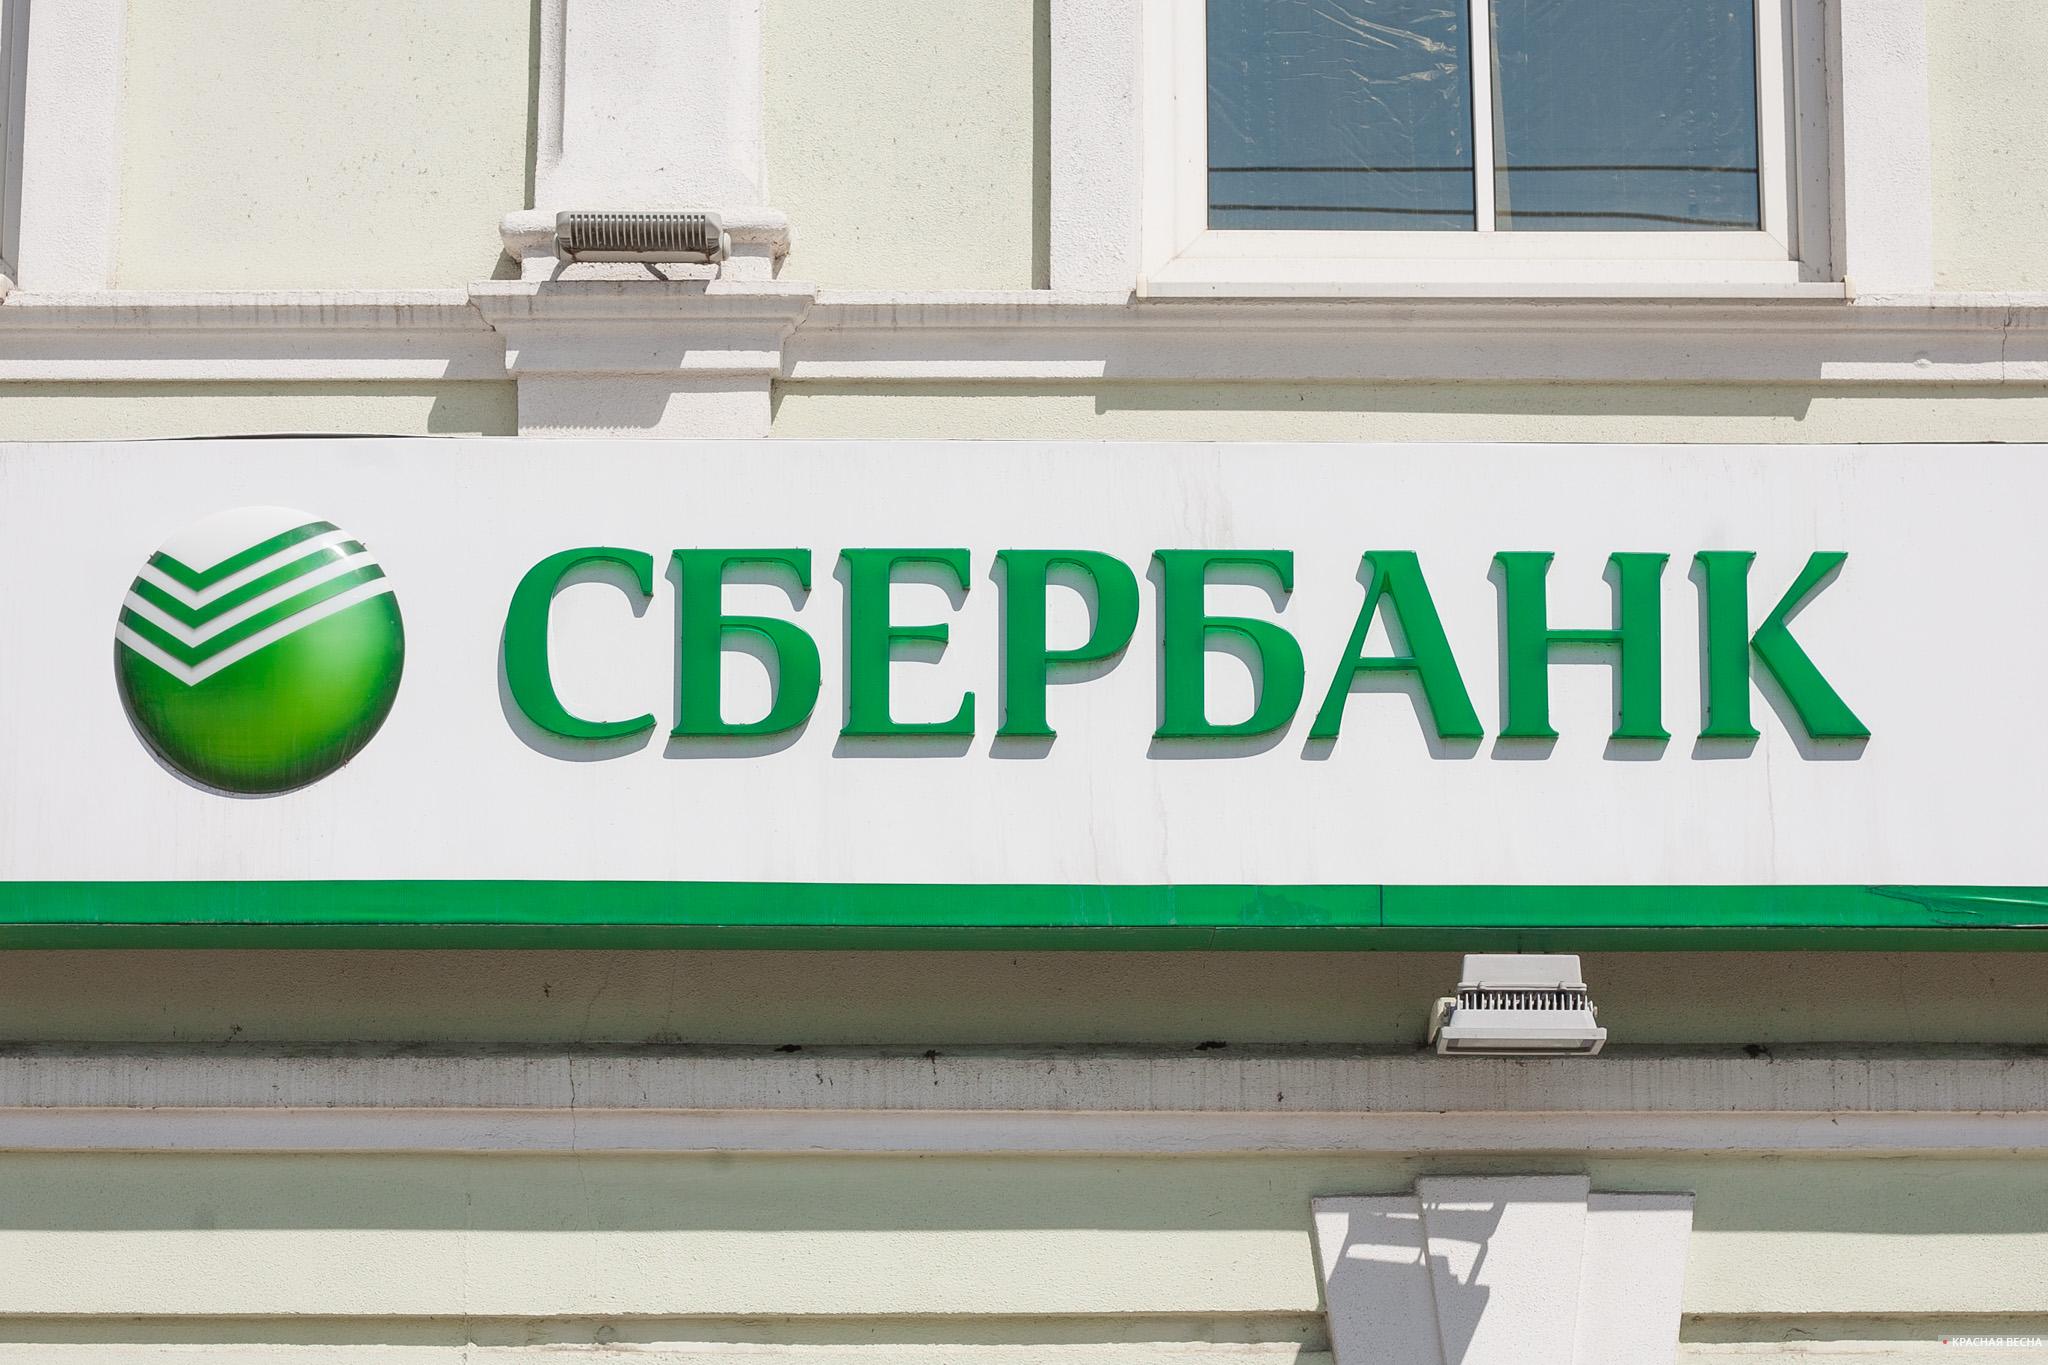 Вывеска Сбербанка [Владимир Чичилимов © ИА Красная Весна]